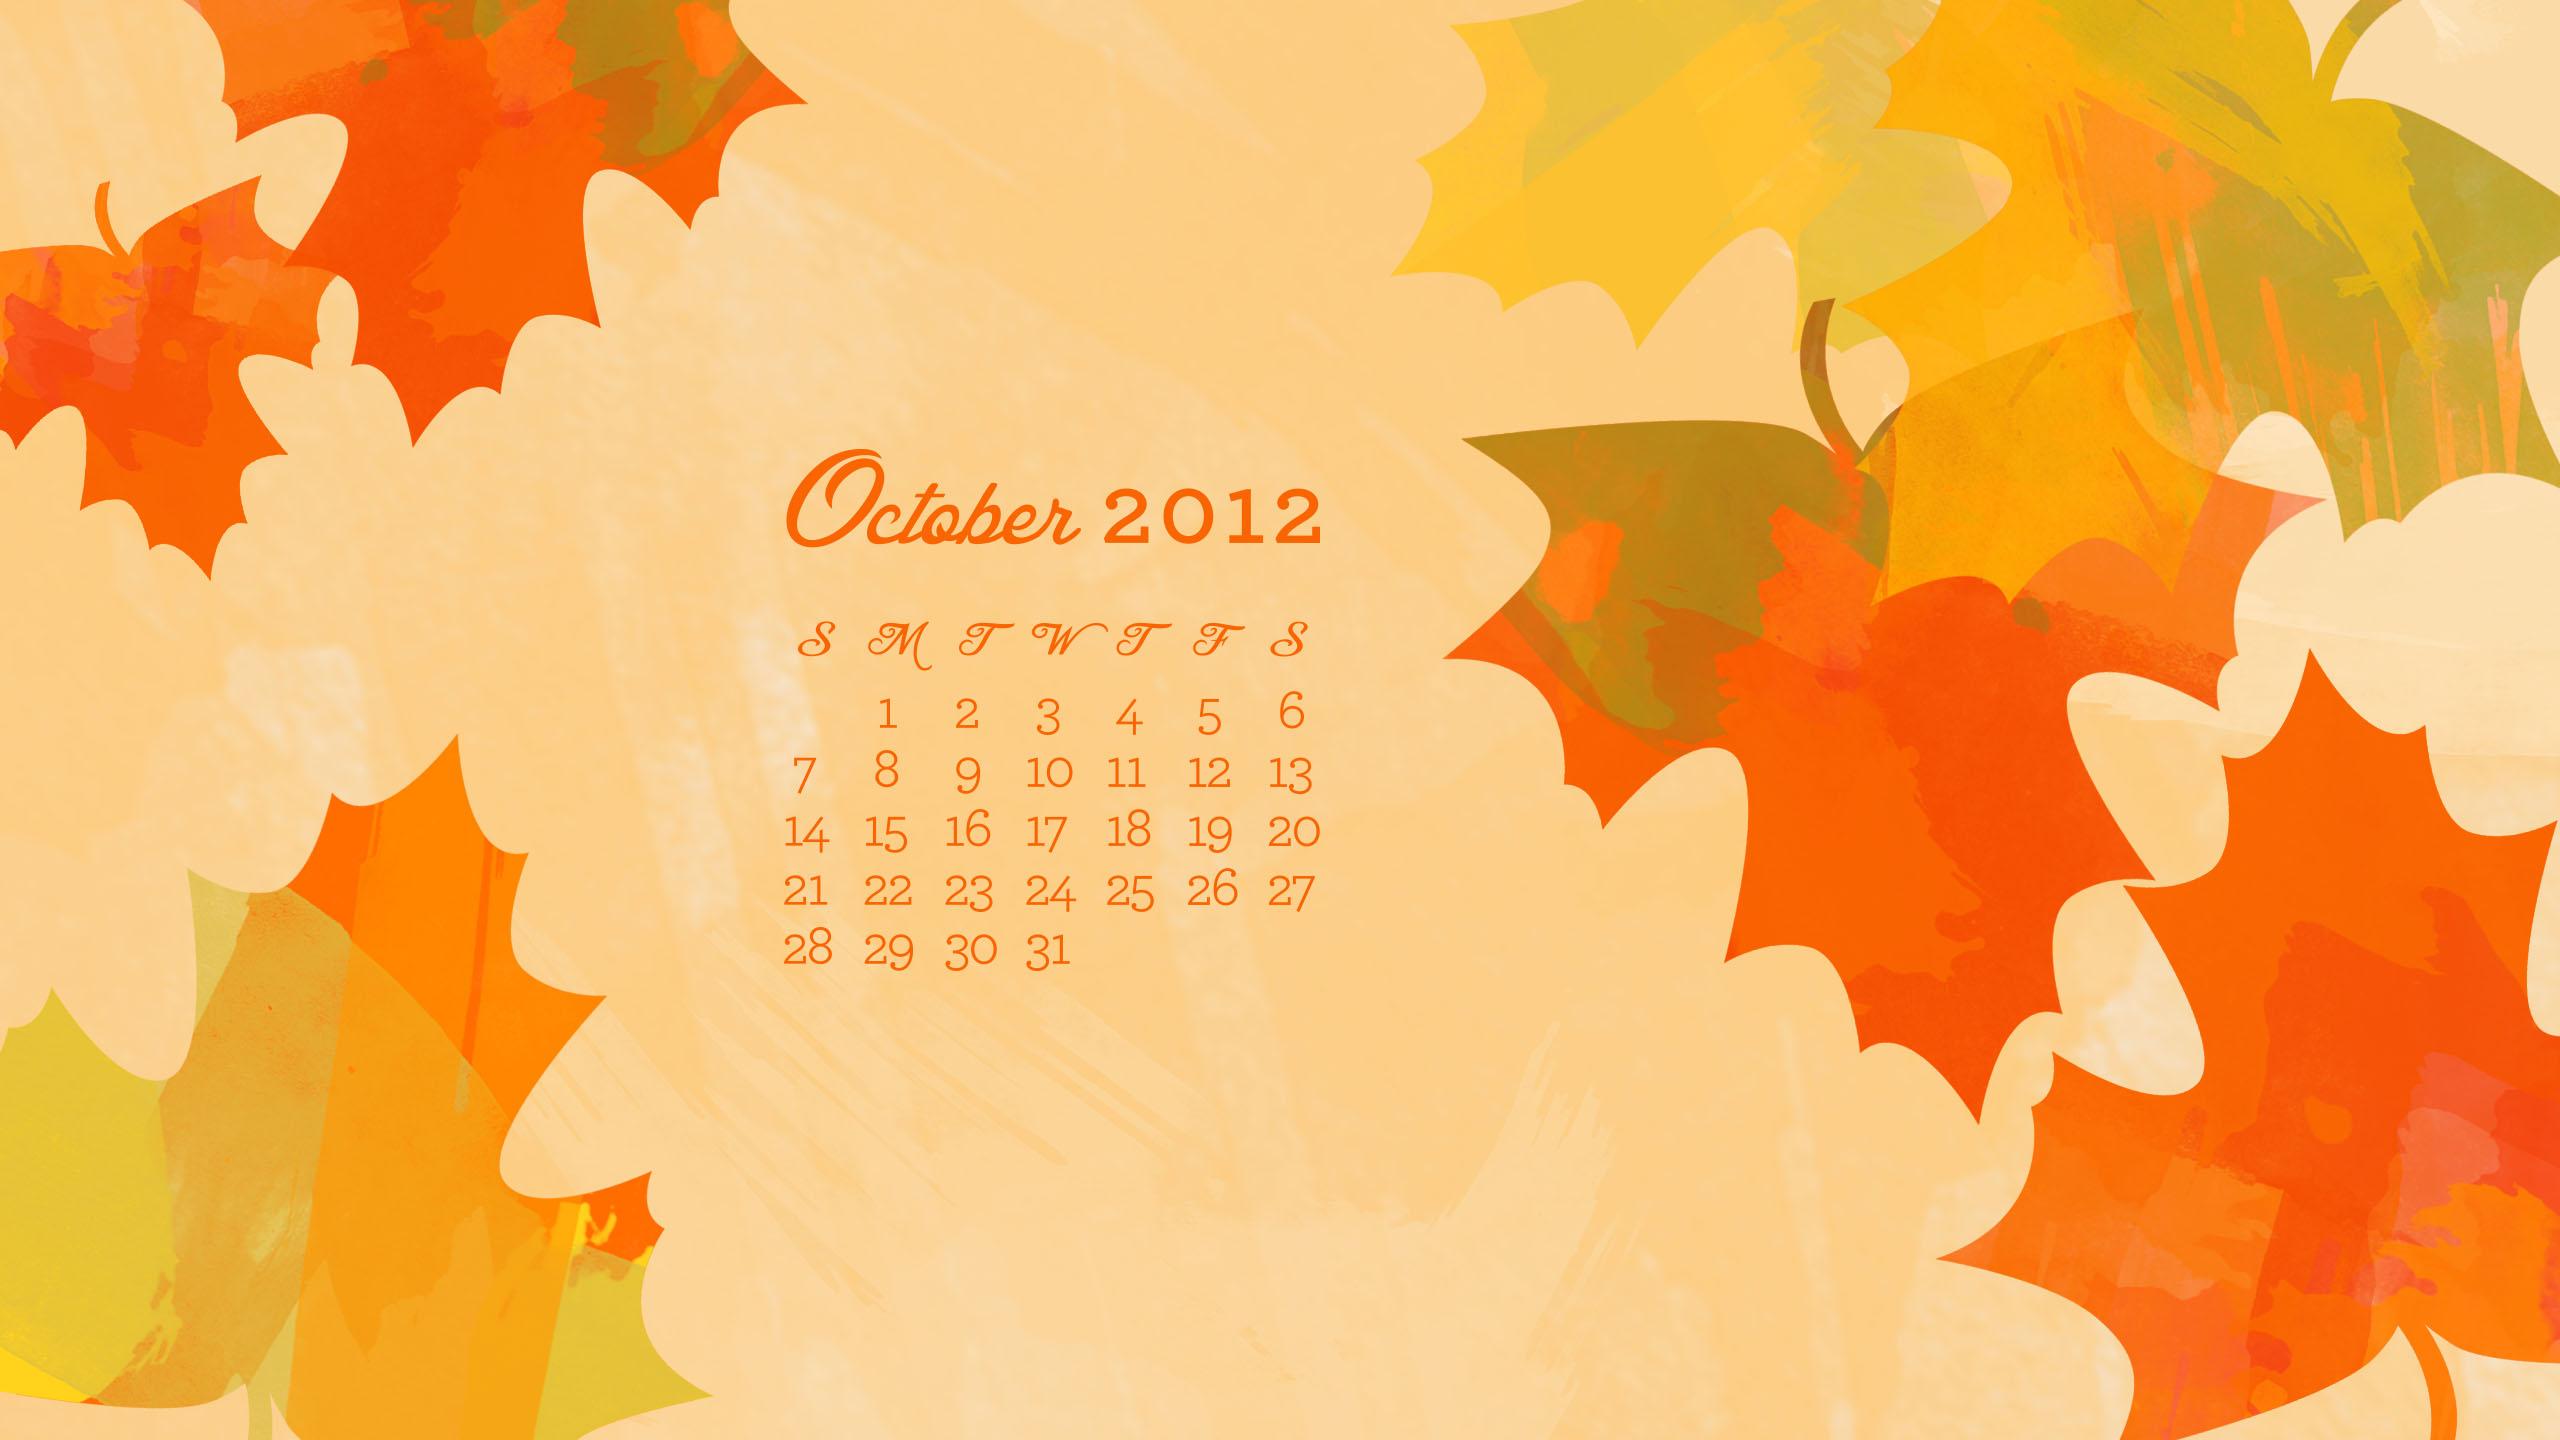 October 2012 Desktop iPhone iPad Calendar Wallpaper   Sarah Hearts 2560x1440